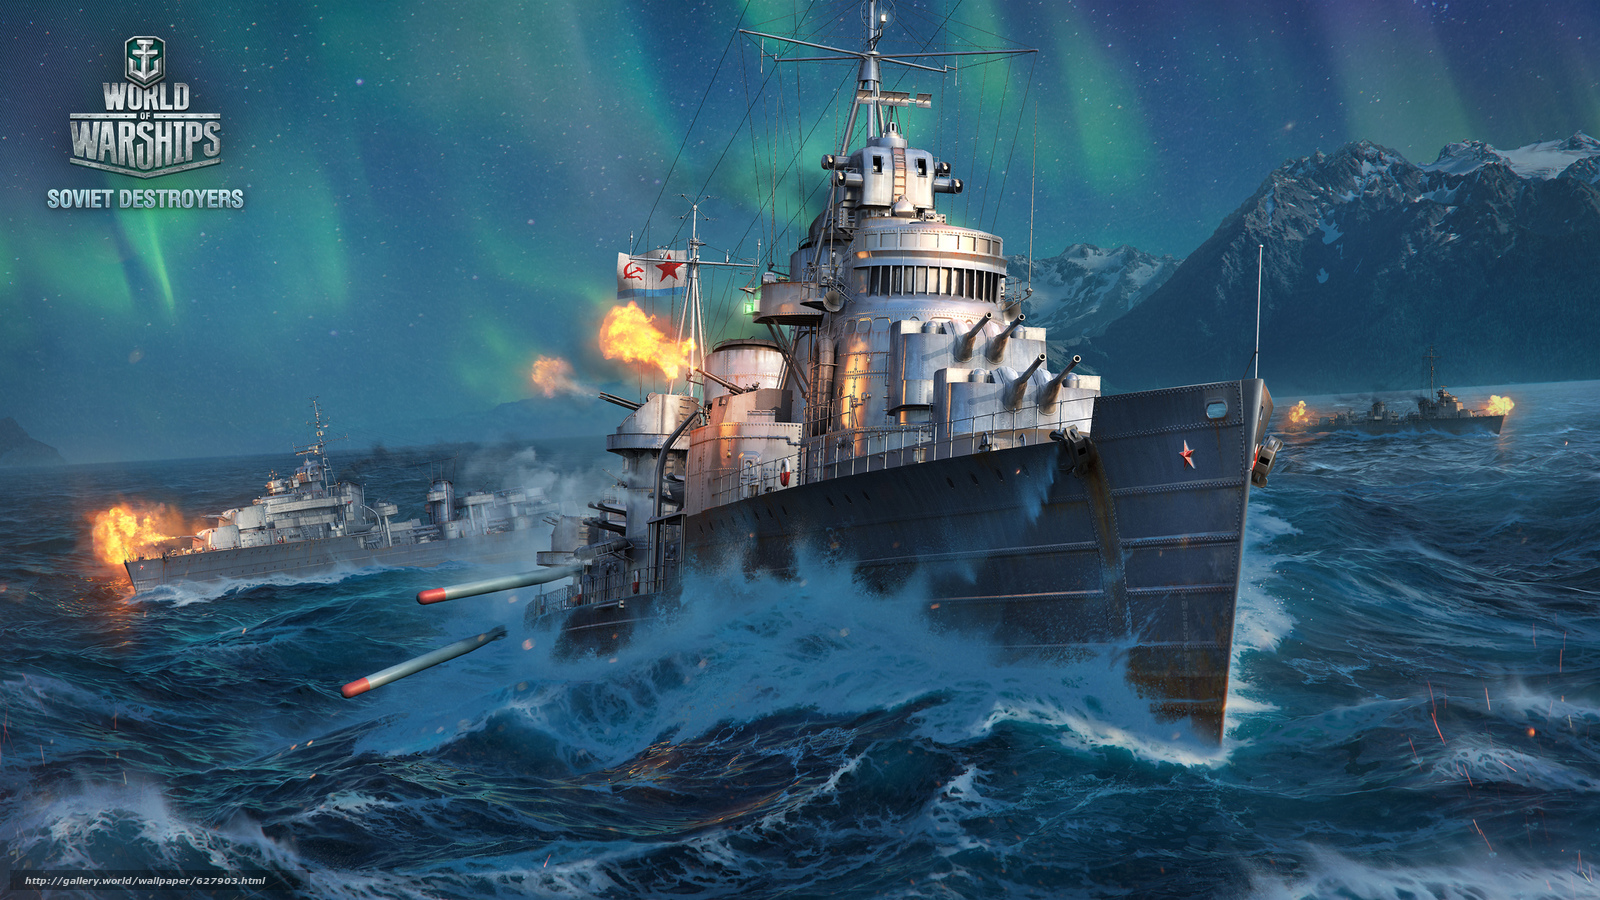 Скачать на телефон обои фото картинку на тему World of Warships, Мир Кораблей, морской бой, разширение 2560x1440